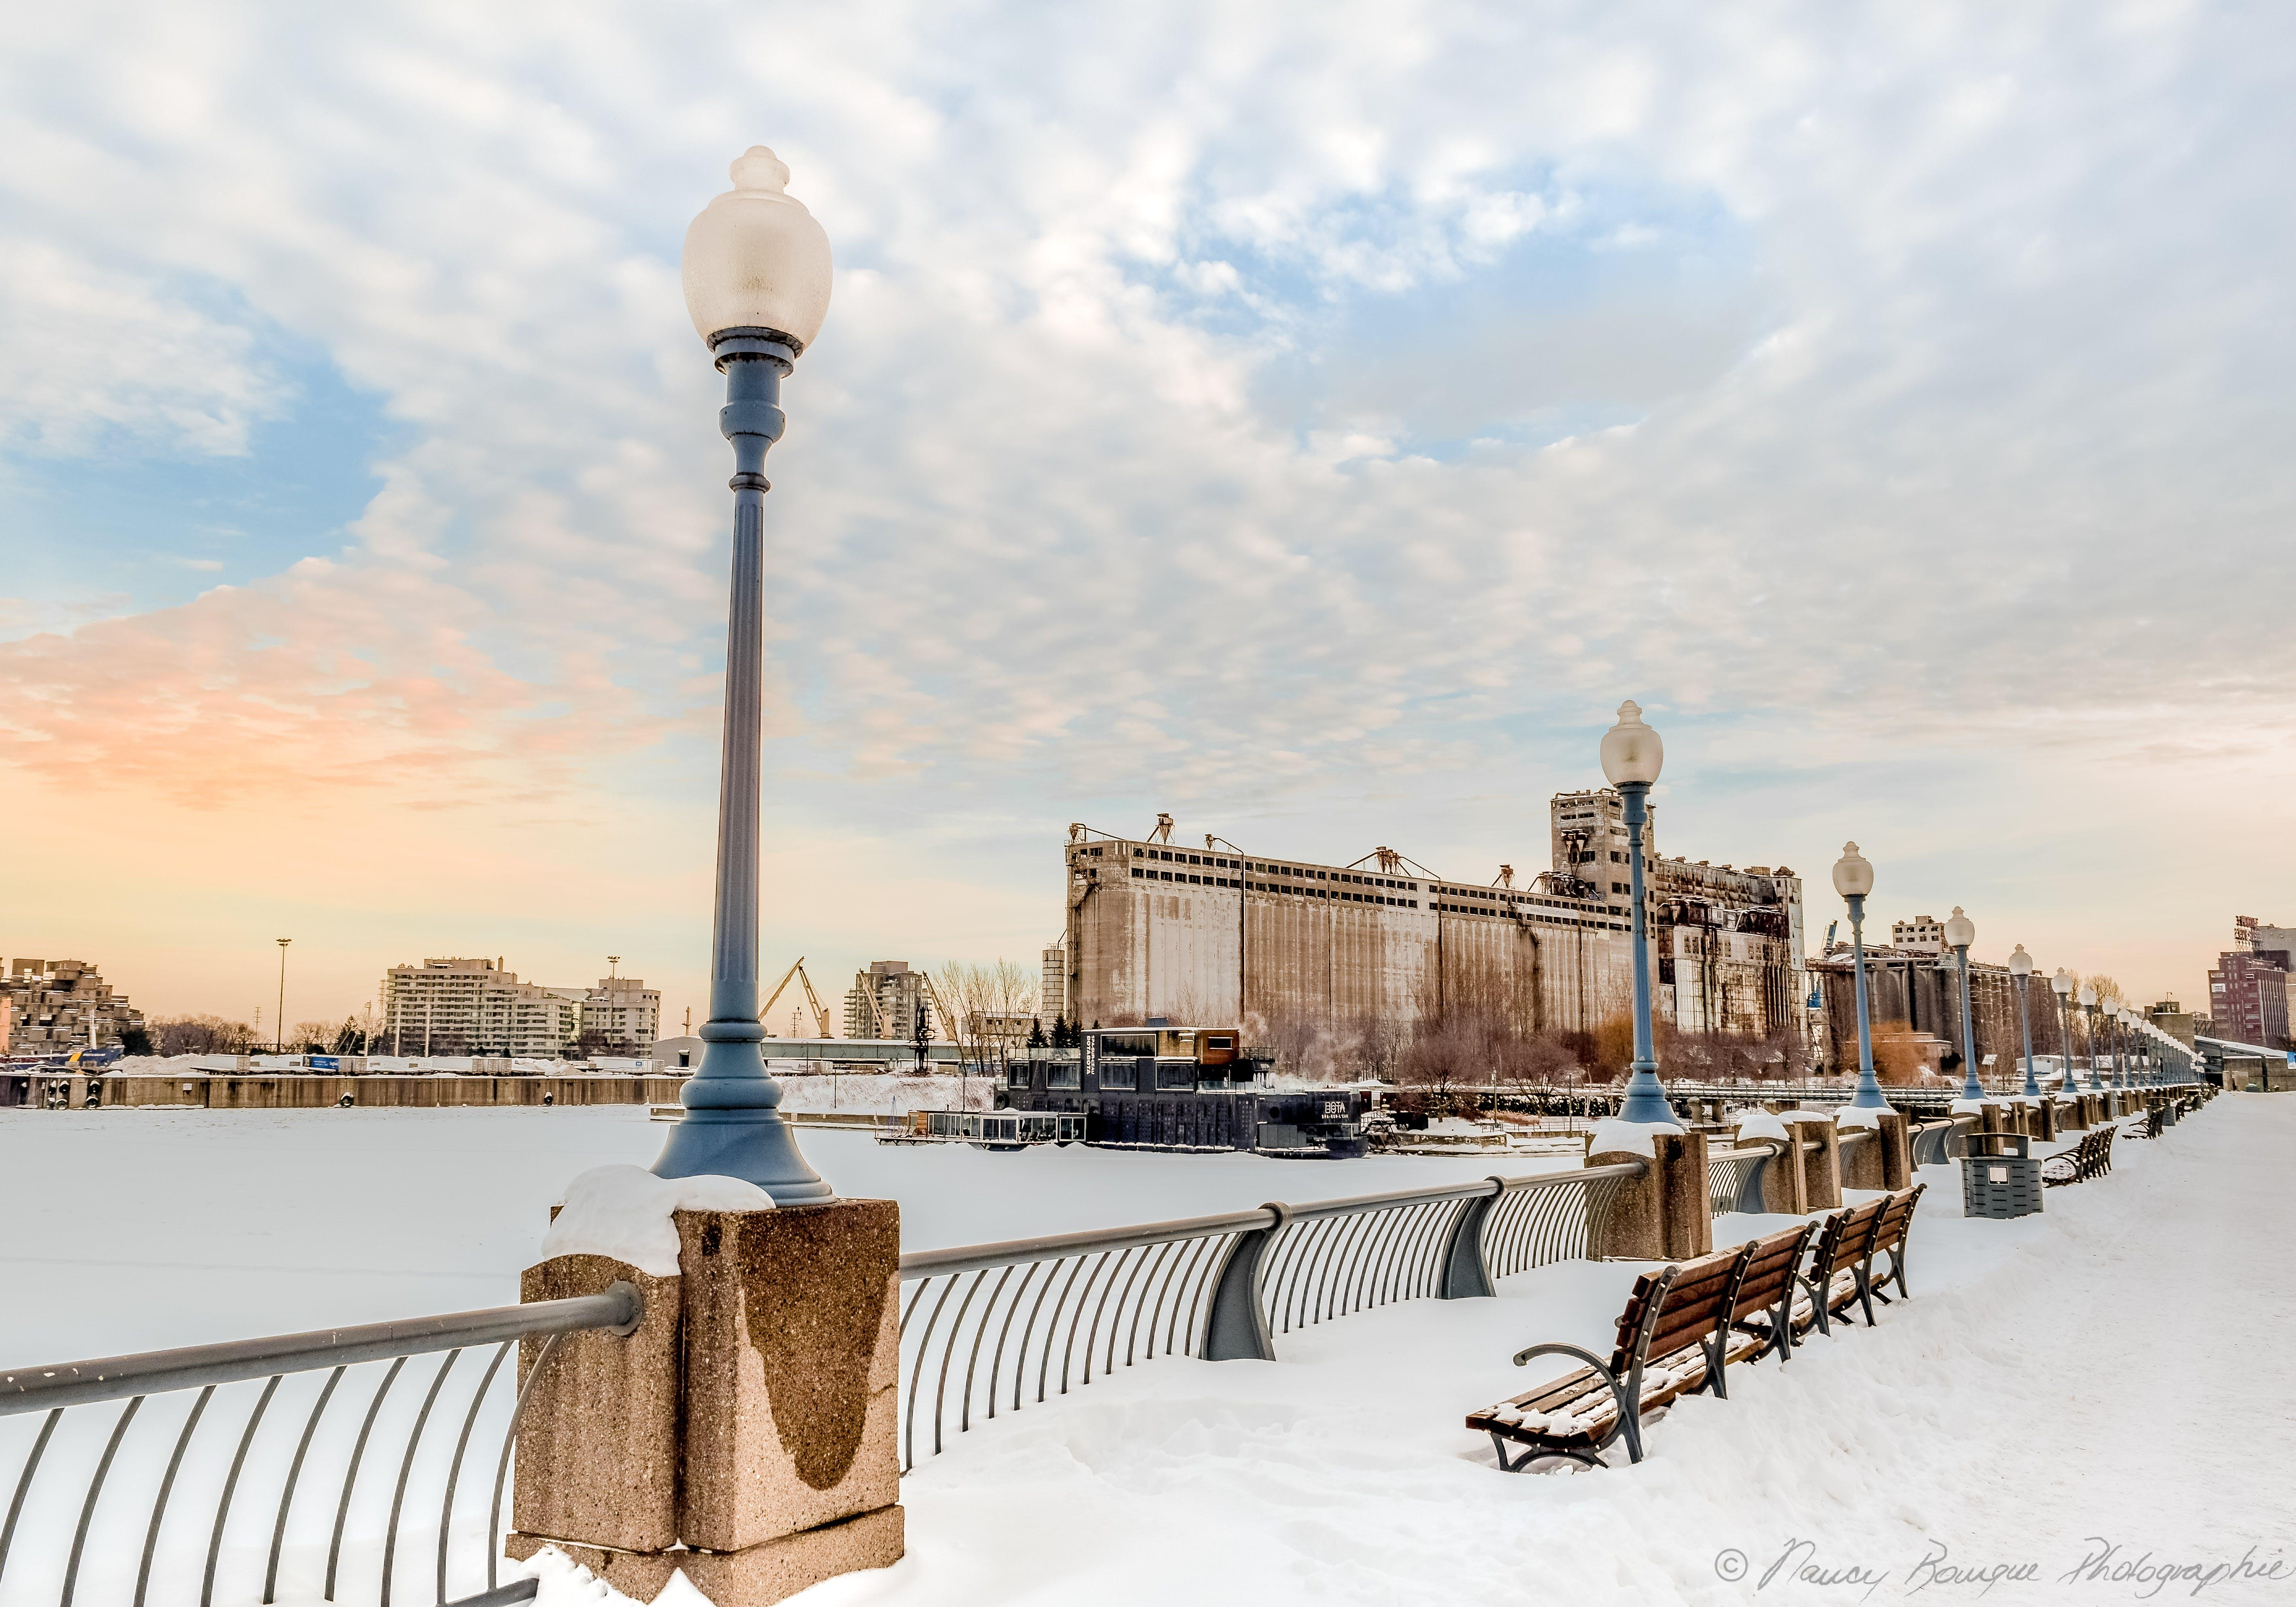 Gratis stockfoto met canada, sneeuw, winterlandschap